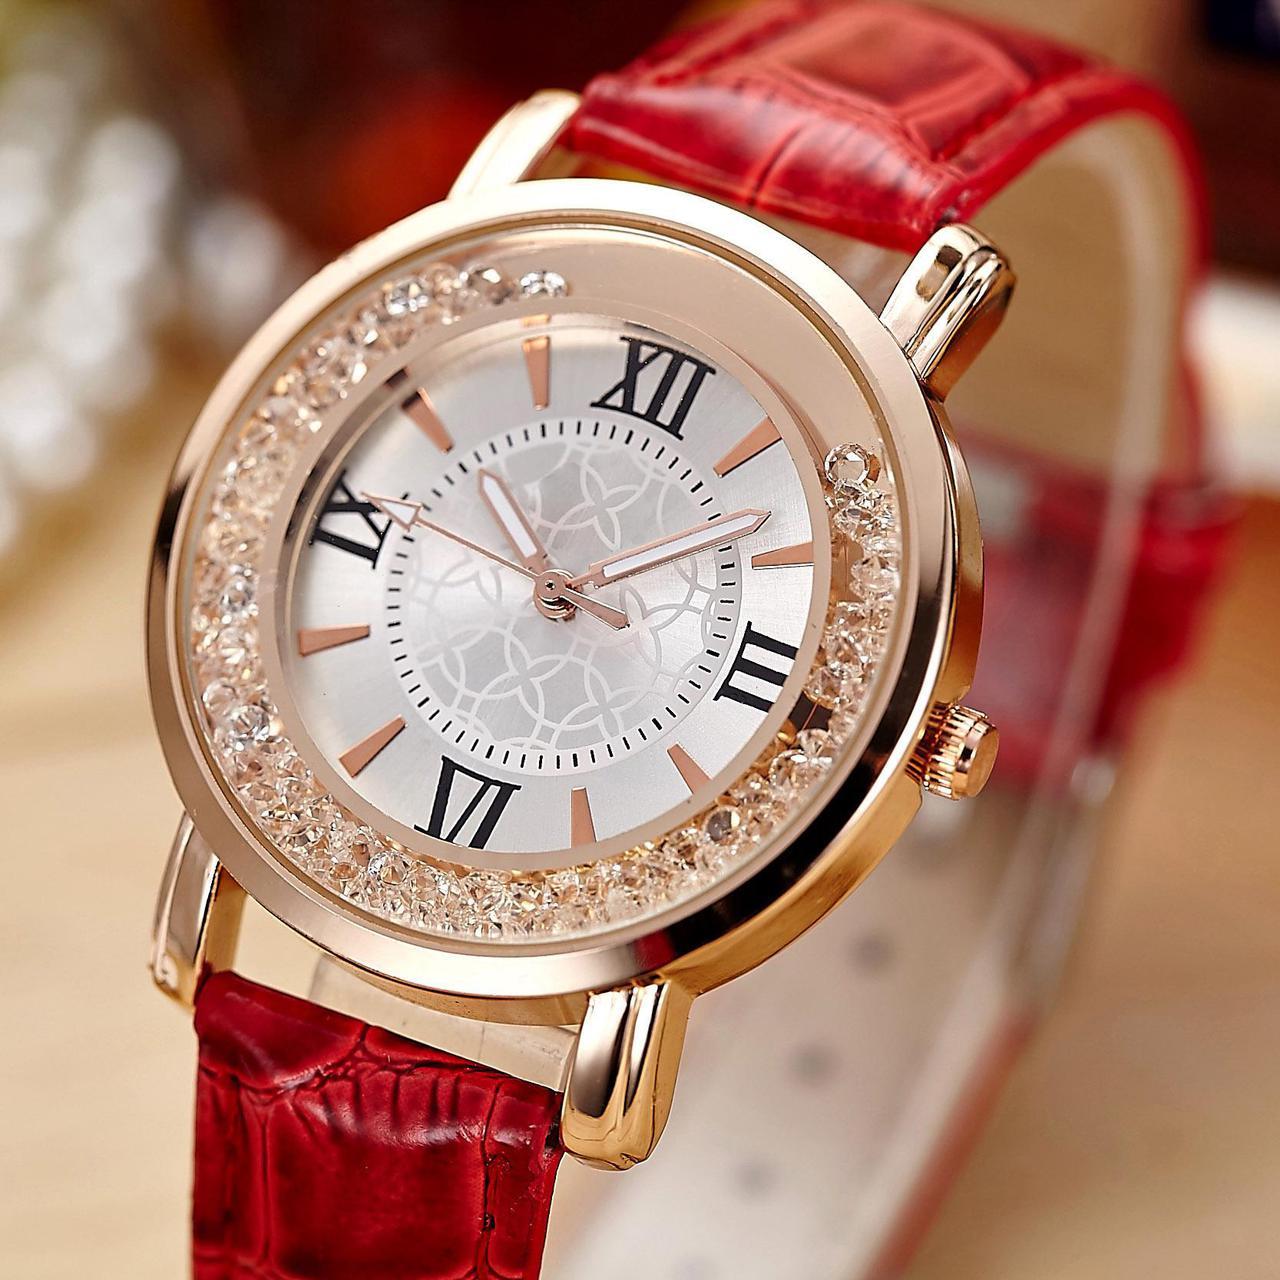 Часы наручные, Ремешок: Красный, Белый циферблат, Римские цифры + Метки